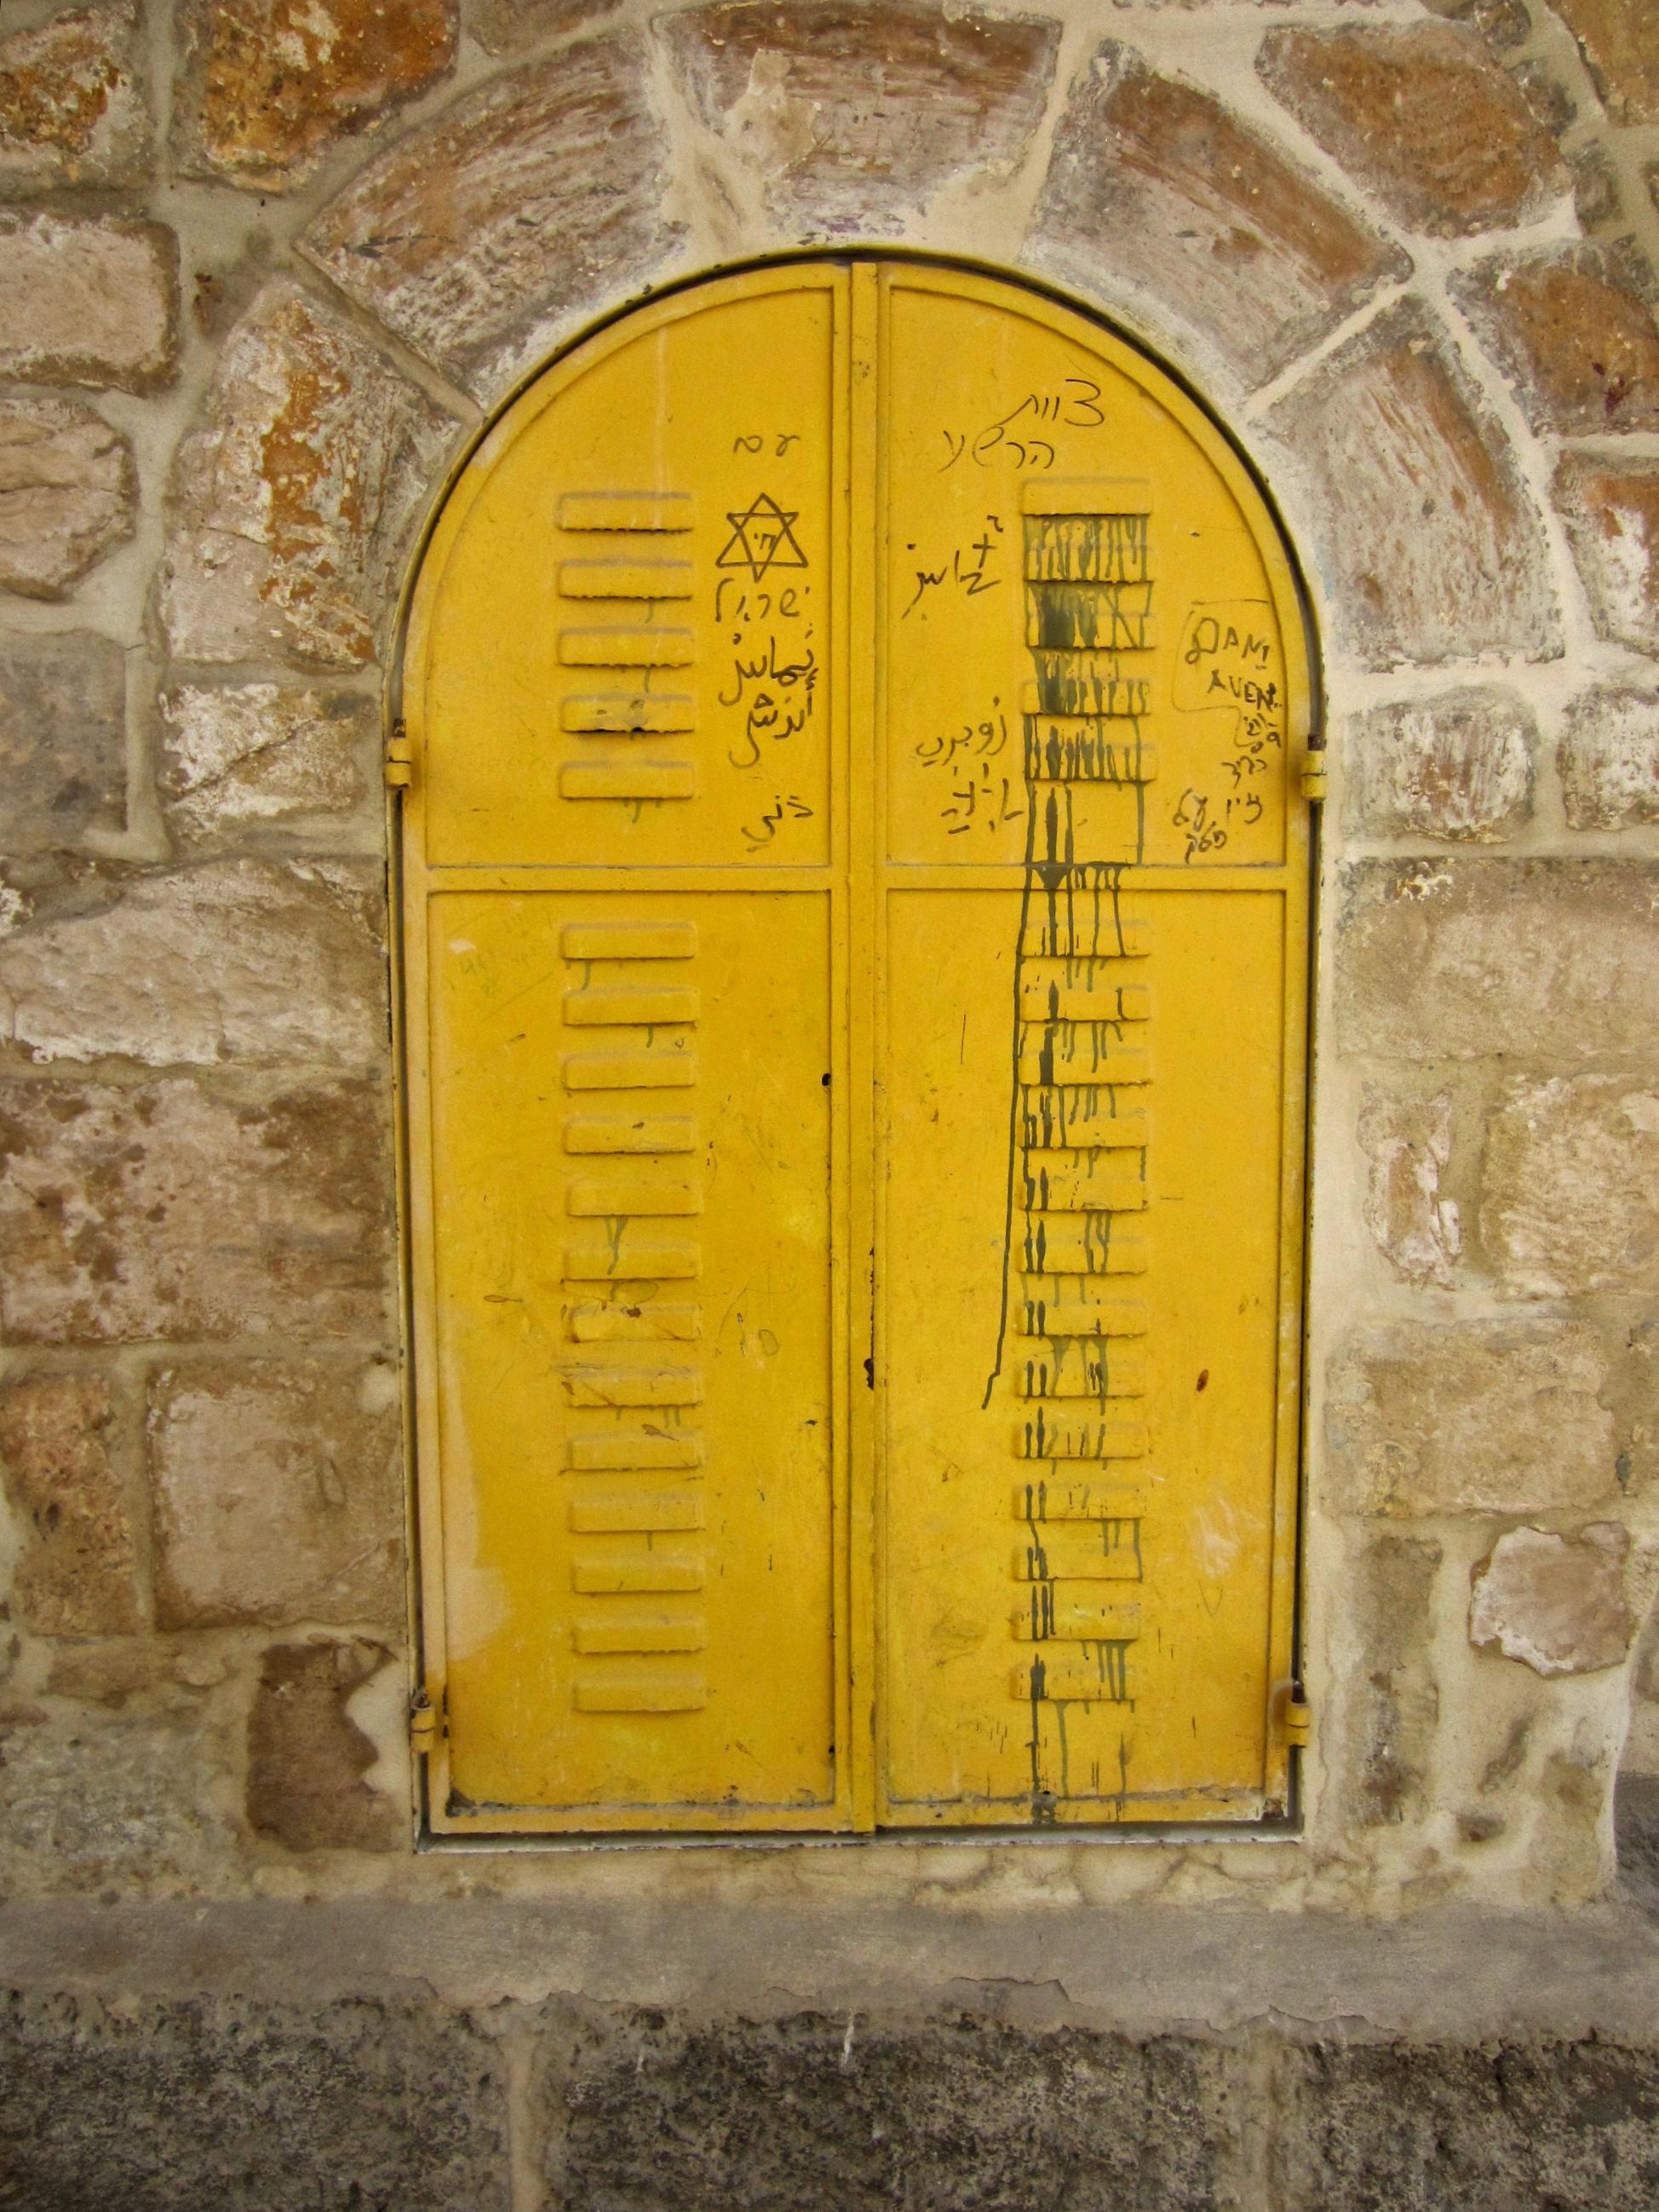 Yello Door Amp Closed Yellow Door With Dummy Door Sign